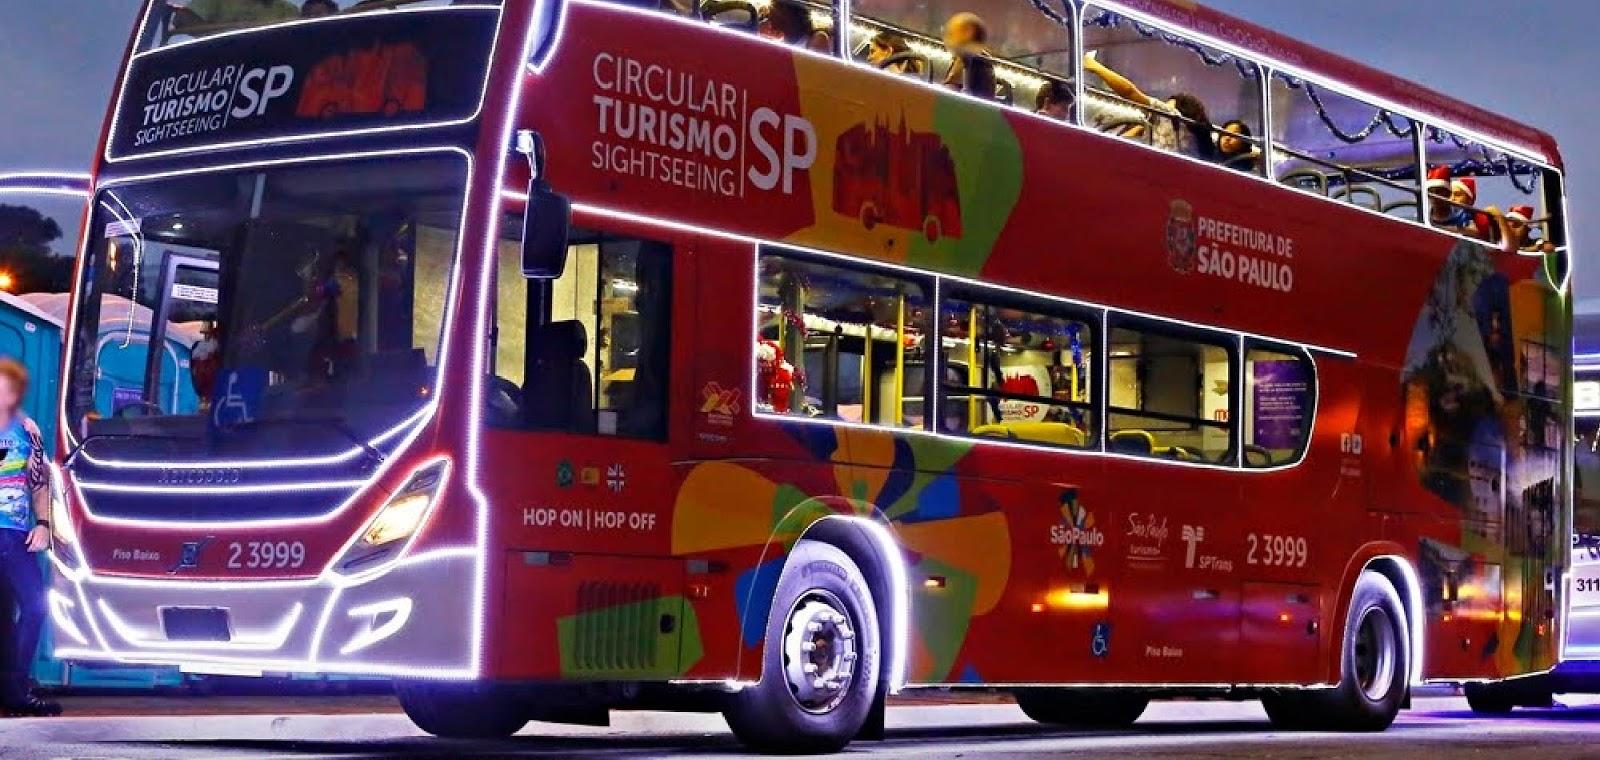 Conheça a Linha de Turismo Circular em São Paulo